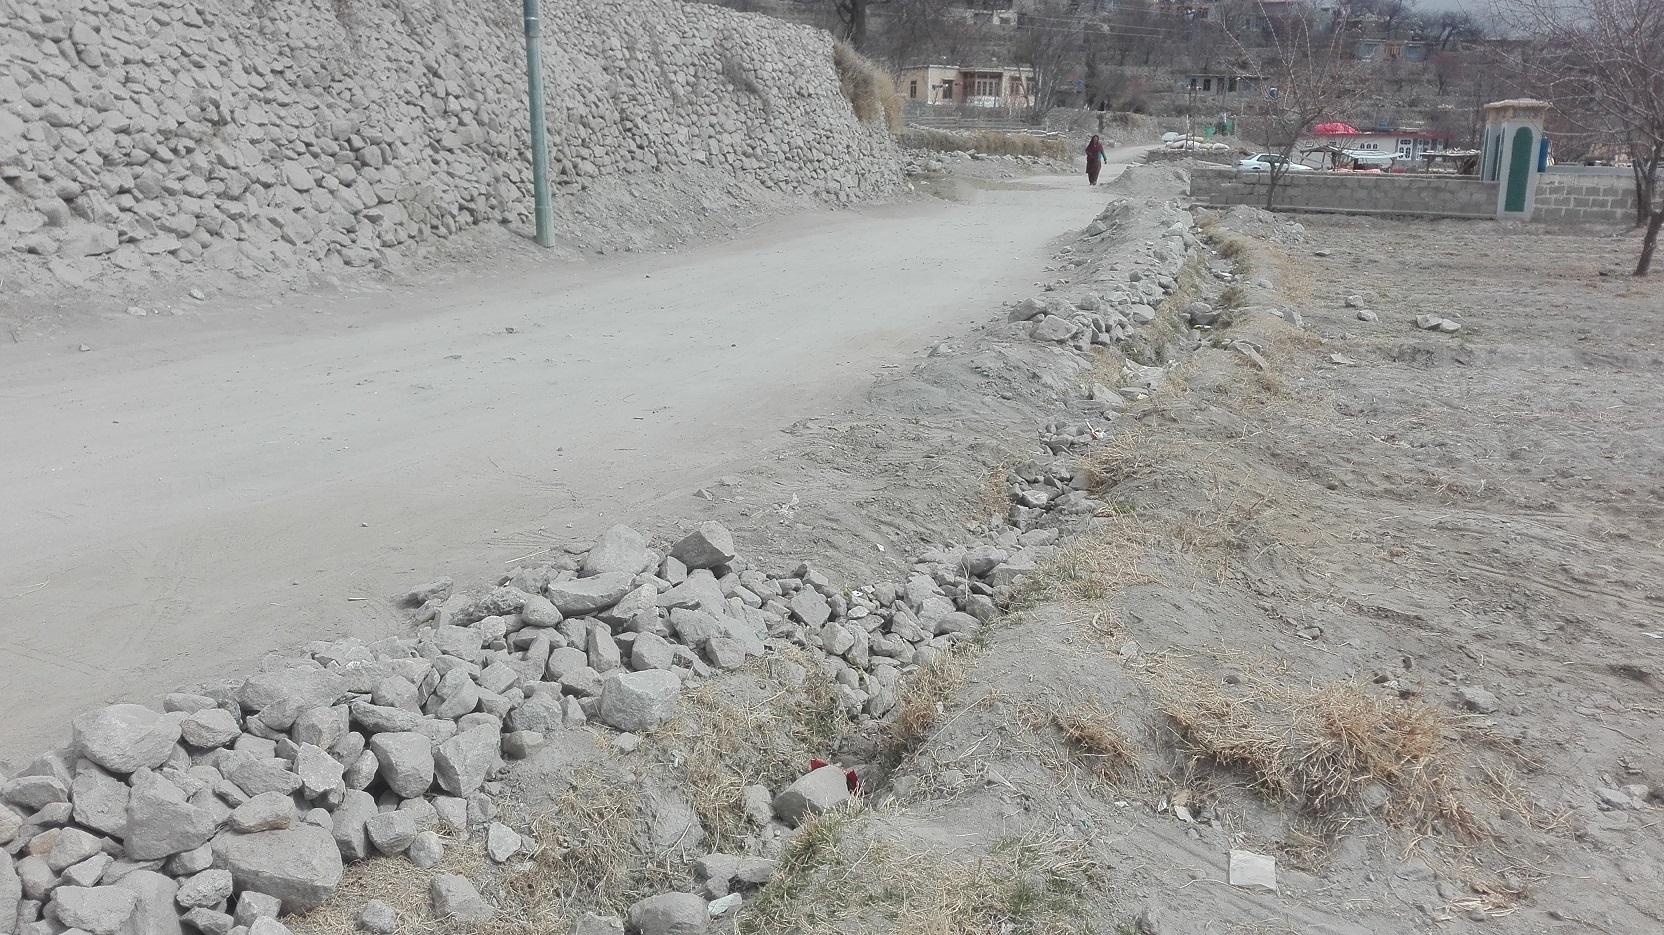 ہنزہ:کریم آباد مرکزی بازار سے قراقرم یونیورسٹی کیمپس کے درمیان اہم سڑک پر تعمیری کام بند